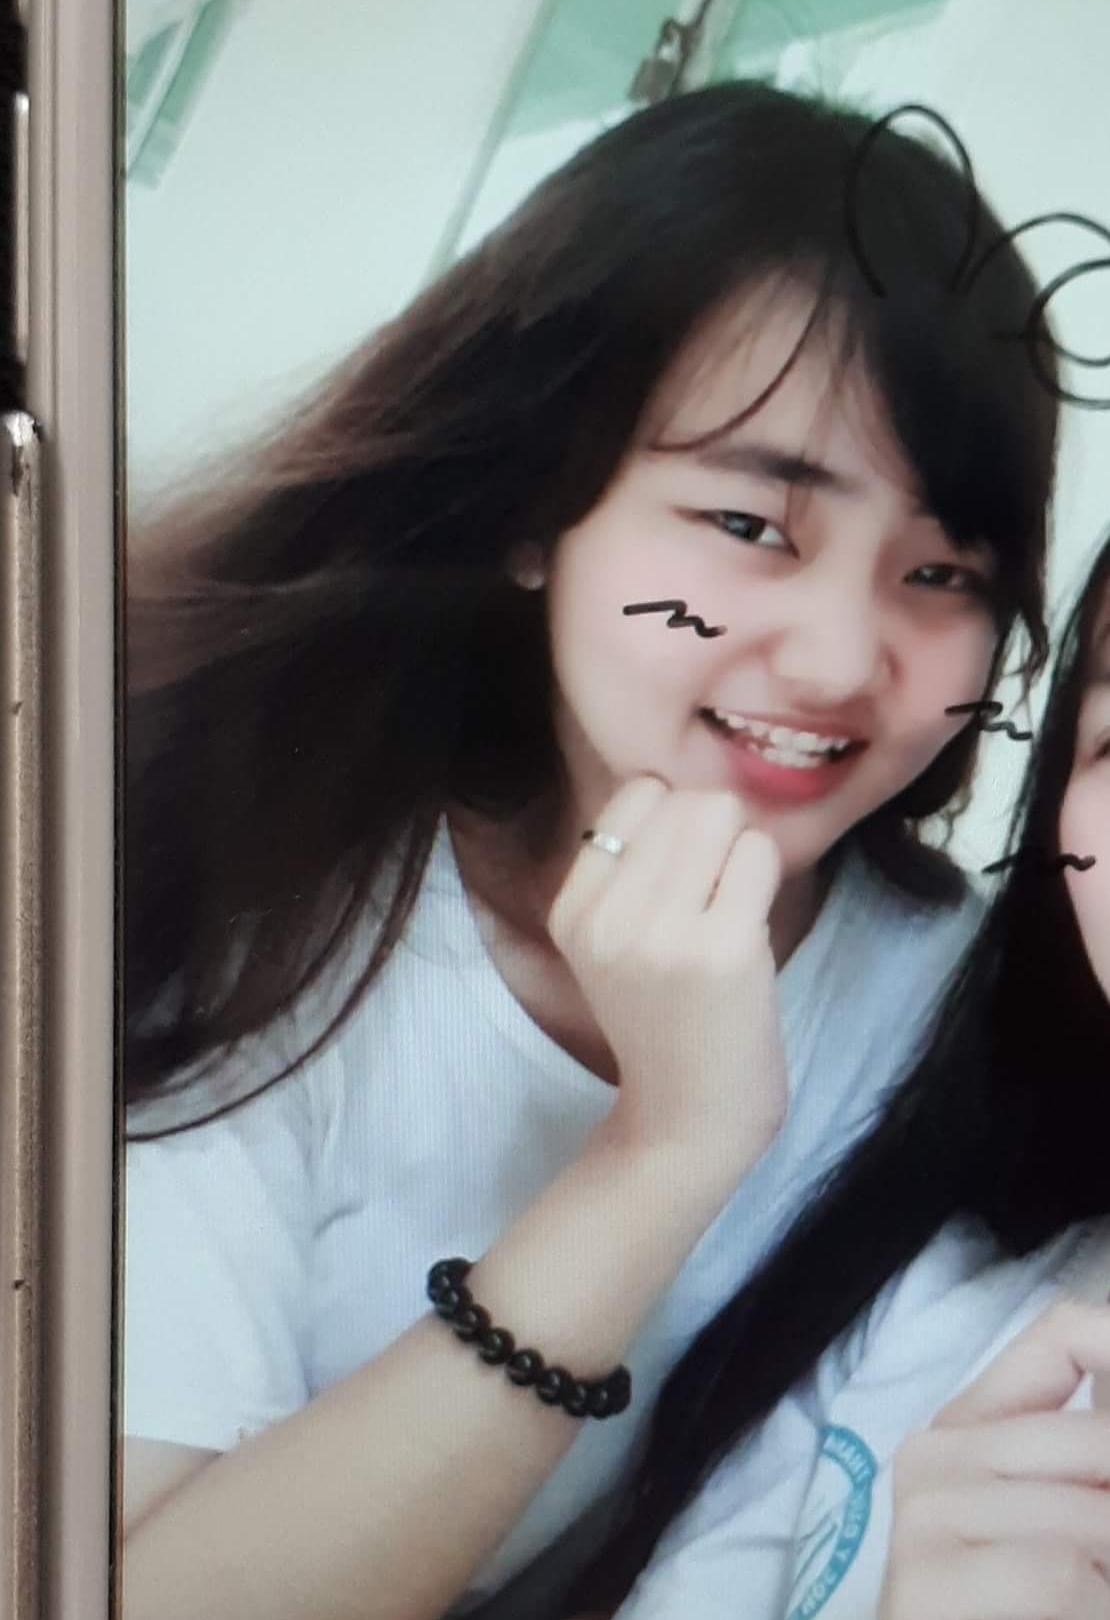 Phạm Nguyễn Hoài Thương